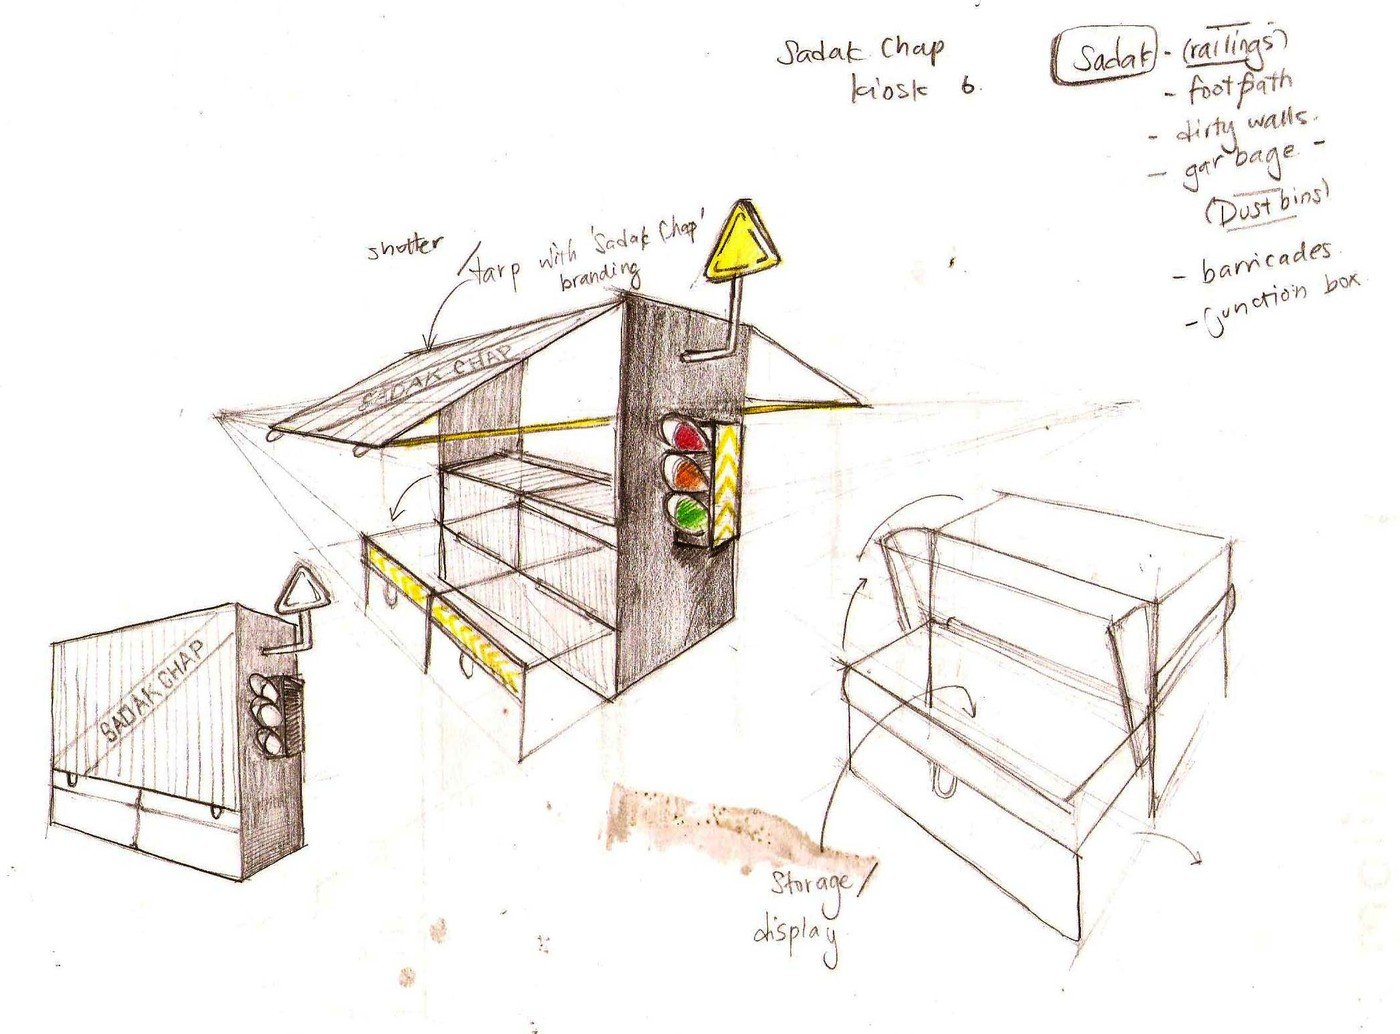 1400x1034 Kiosk Design Sadak Chap By Anees Mehkri